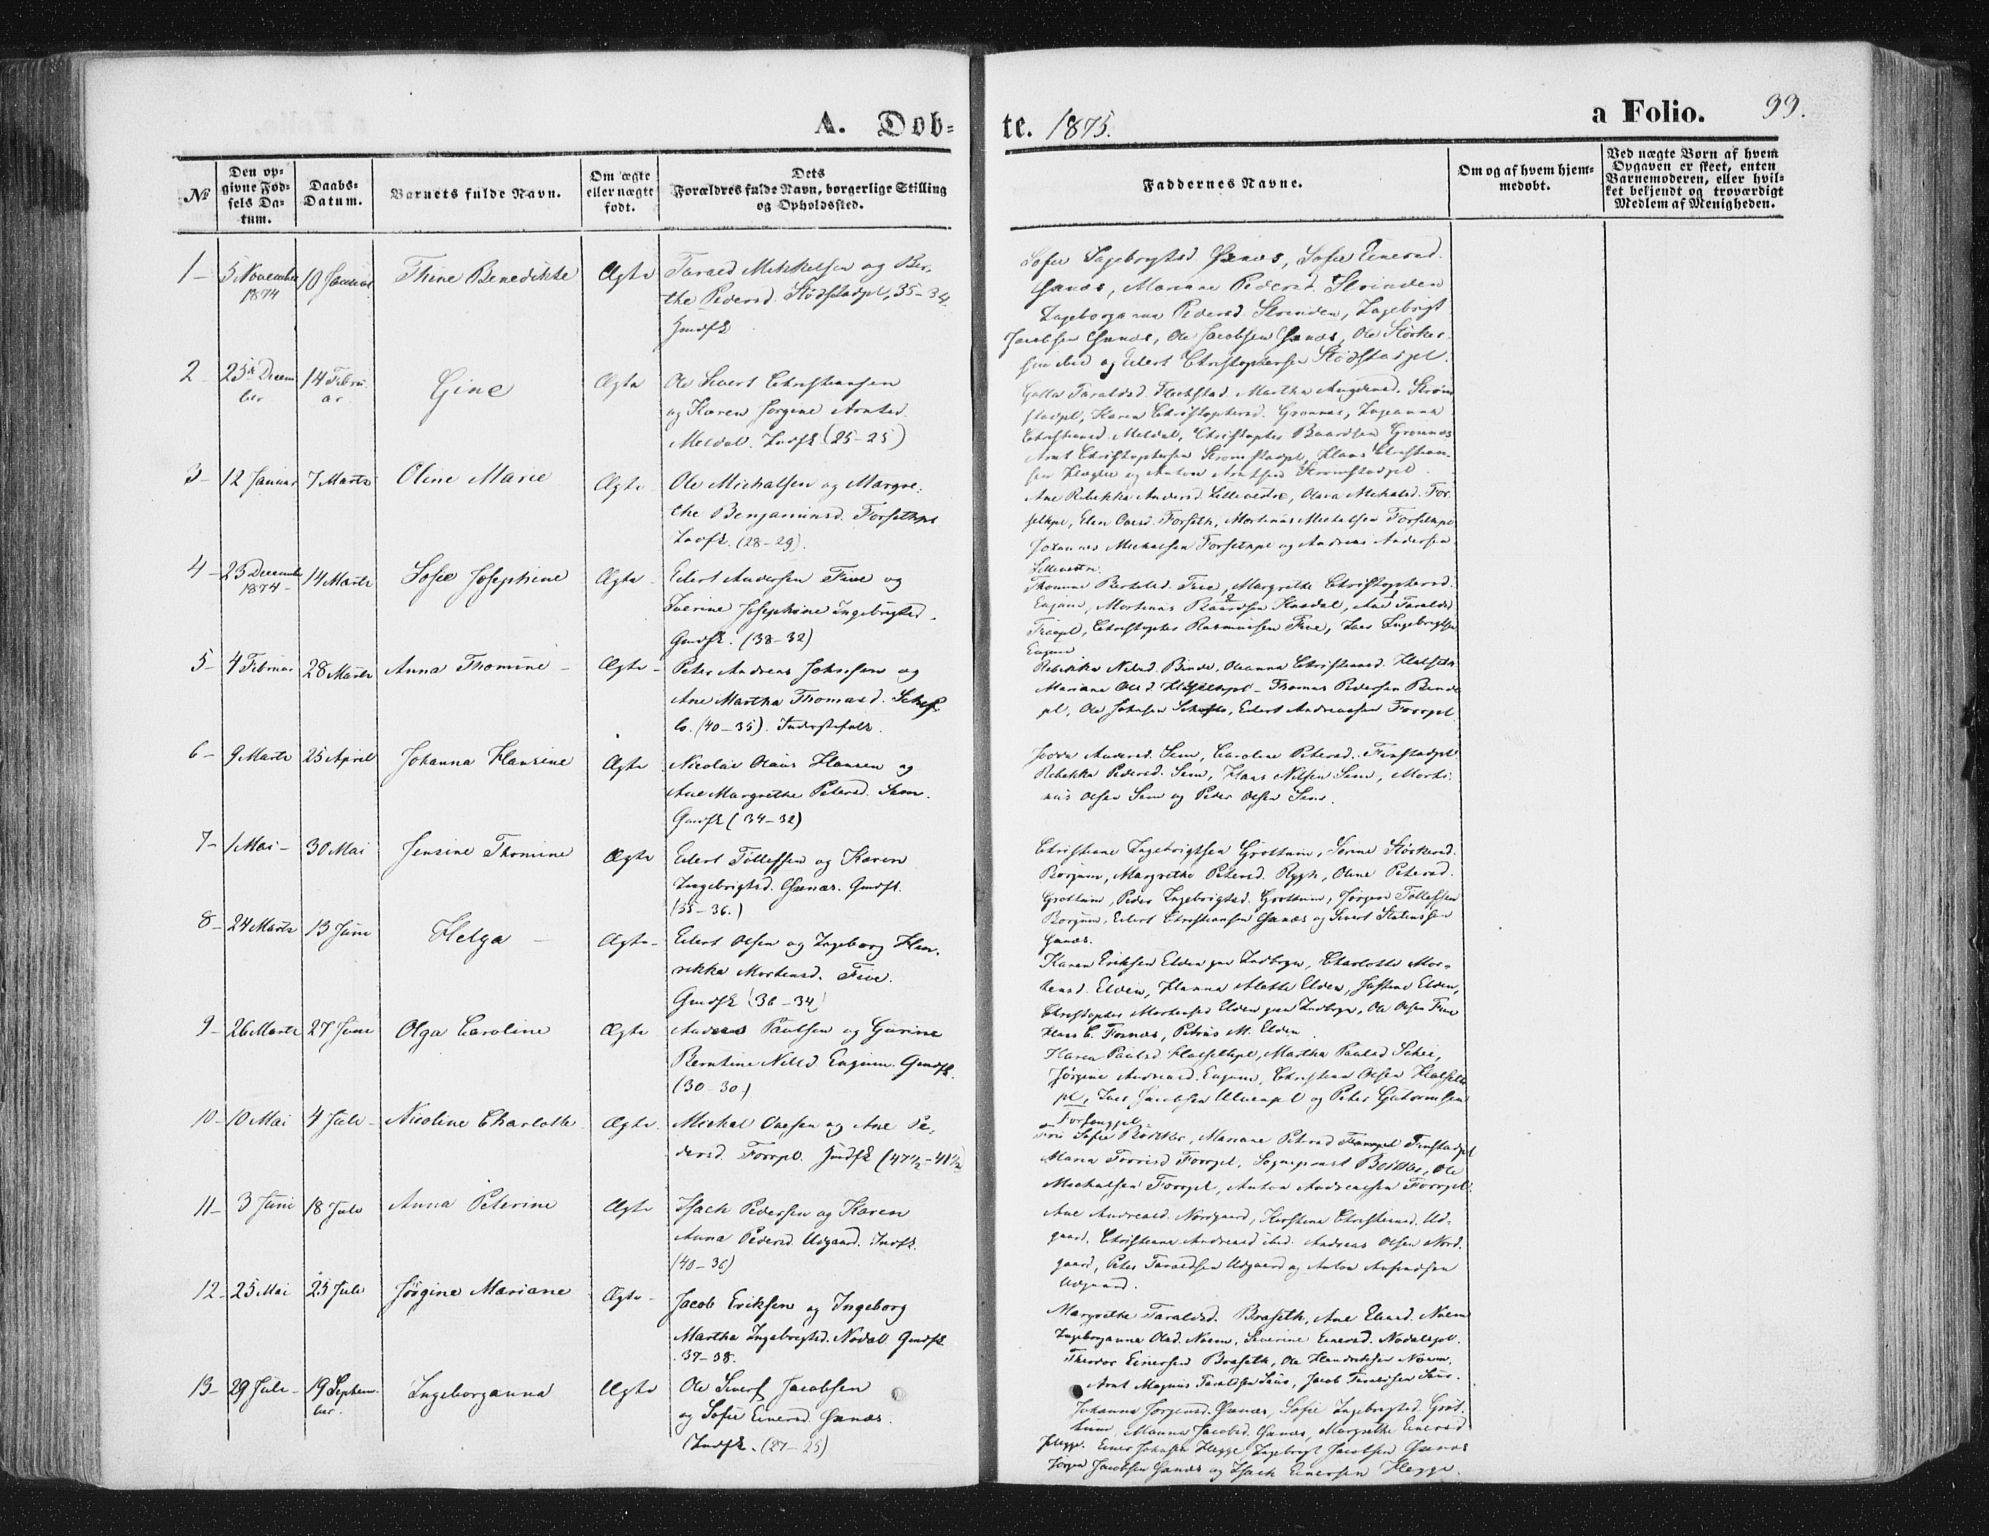 SAT, Ministerialprotokoller, klokkerbøker og fødselsregistre - Nord-Trøndelag, 746/L0447: Ministerialbok nr. 746A06, 1860-1877, s. 99